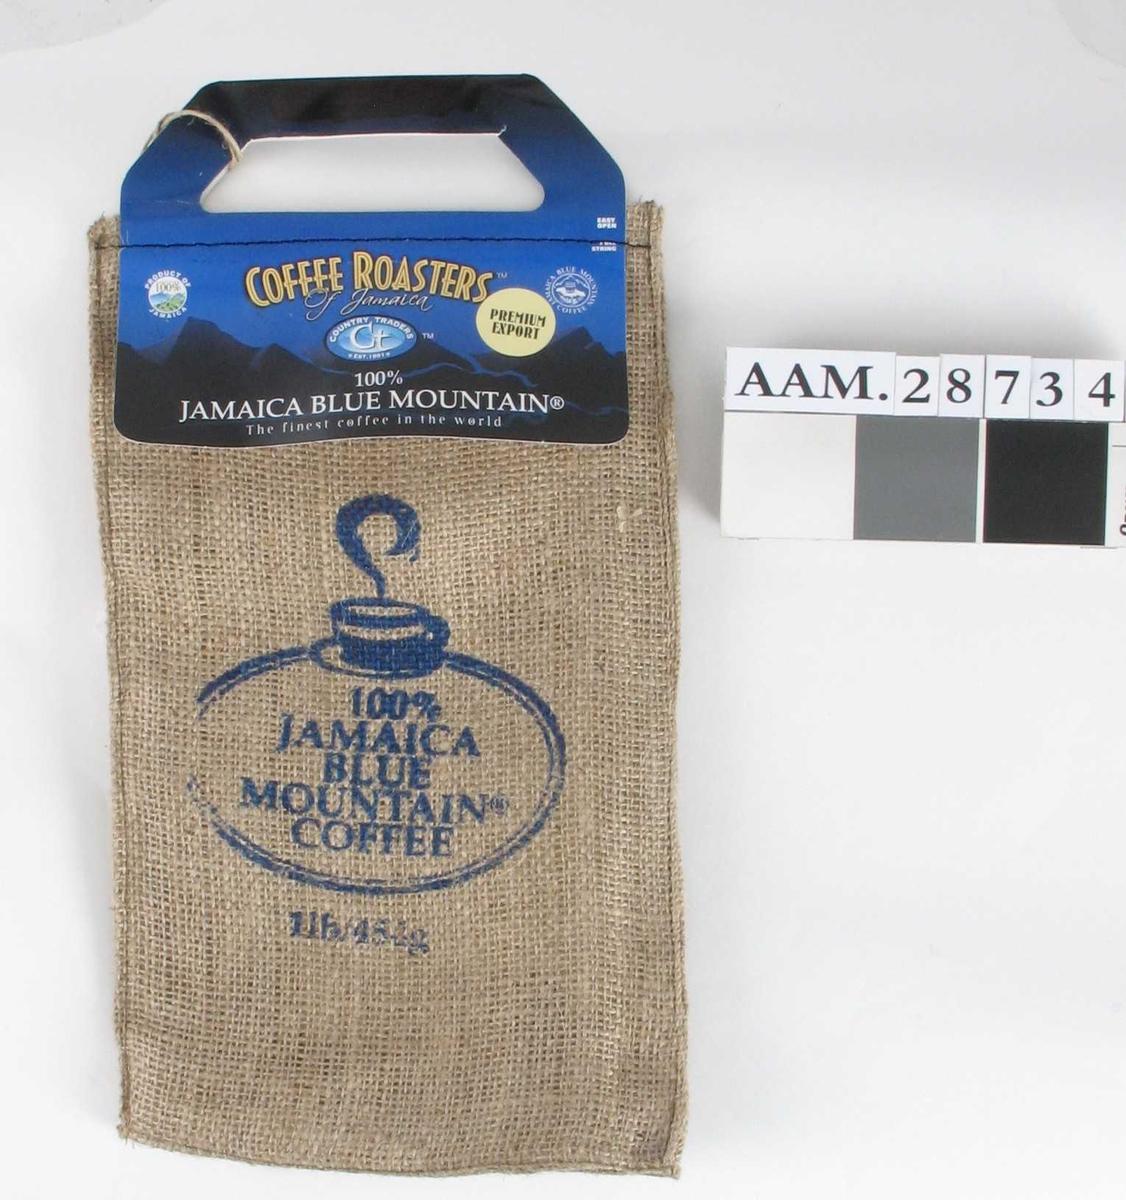 Pose av strie, med påsydd handtak av kartong. Posen innehold en vakumlukket plastpose med kaffe. Strieposen er sprettet opp langs bunnen for å ta ut plastposen.